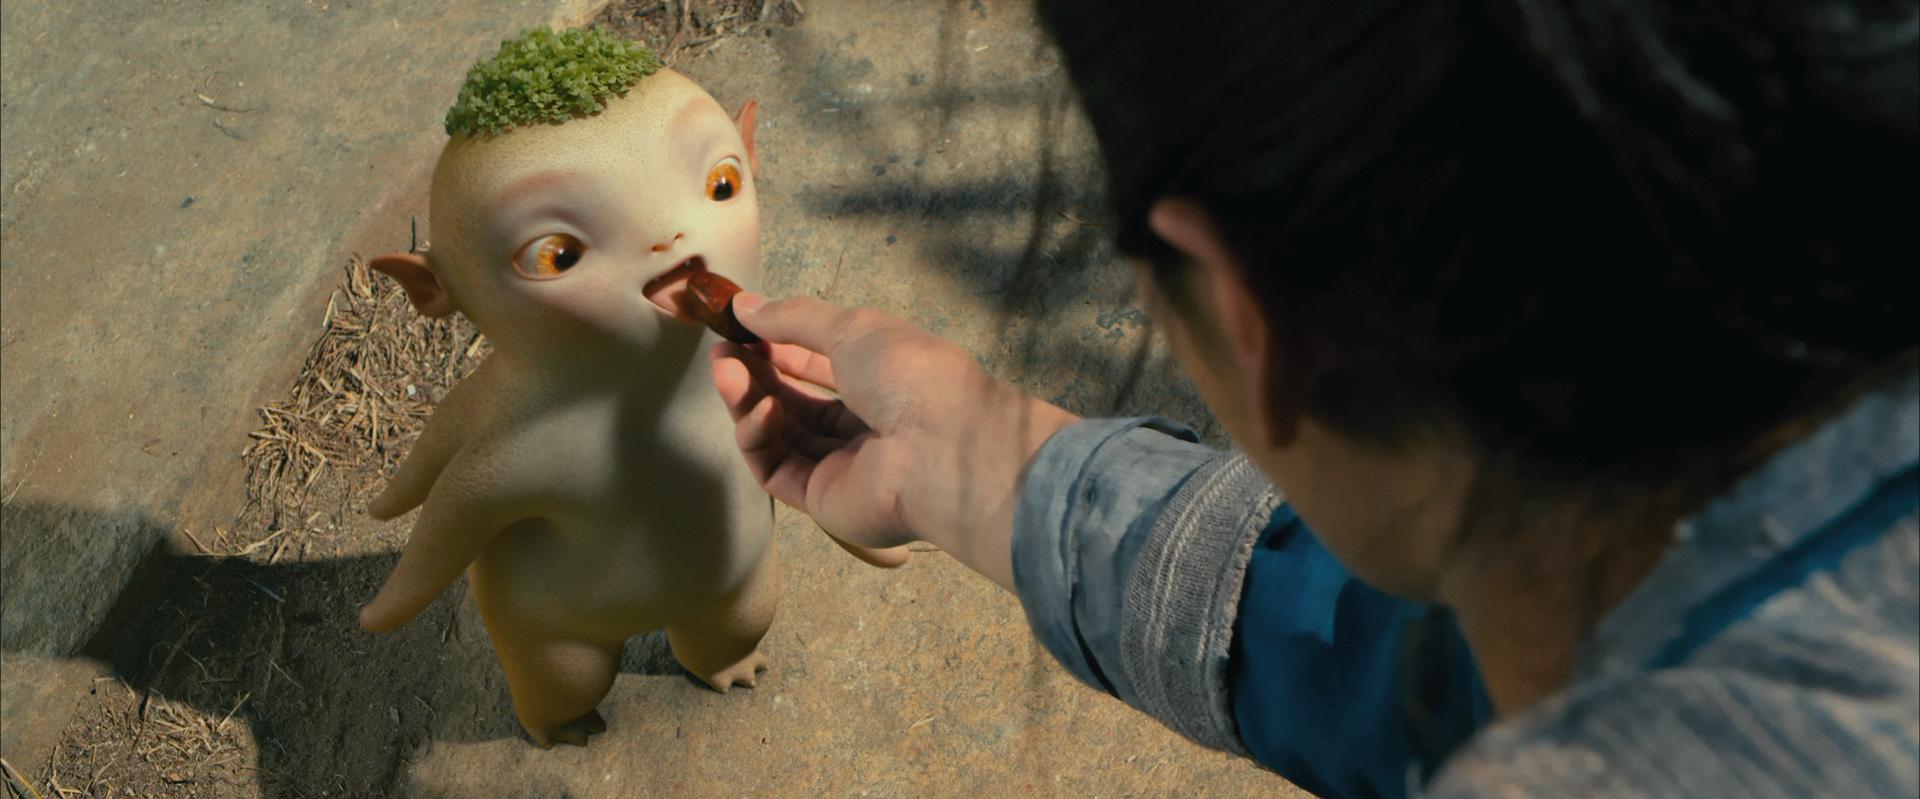 """L'apertura di questa Xedizione della Festa del Cinema di Romaè toccataal fantasy cinese """"Monster hunt"""" di Raman Hui, clamoroso campione di incassi in patria. Tanto tempo fa i mostri che […]"""